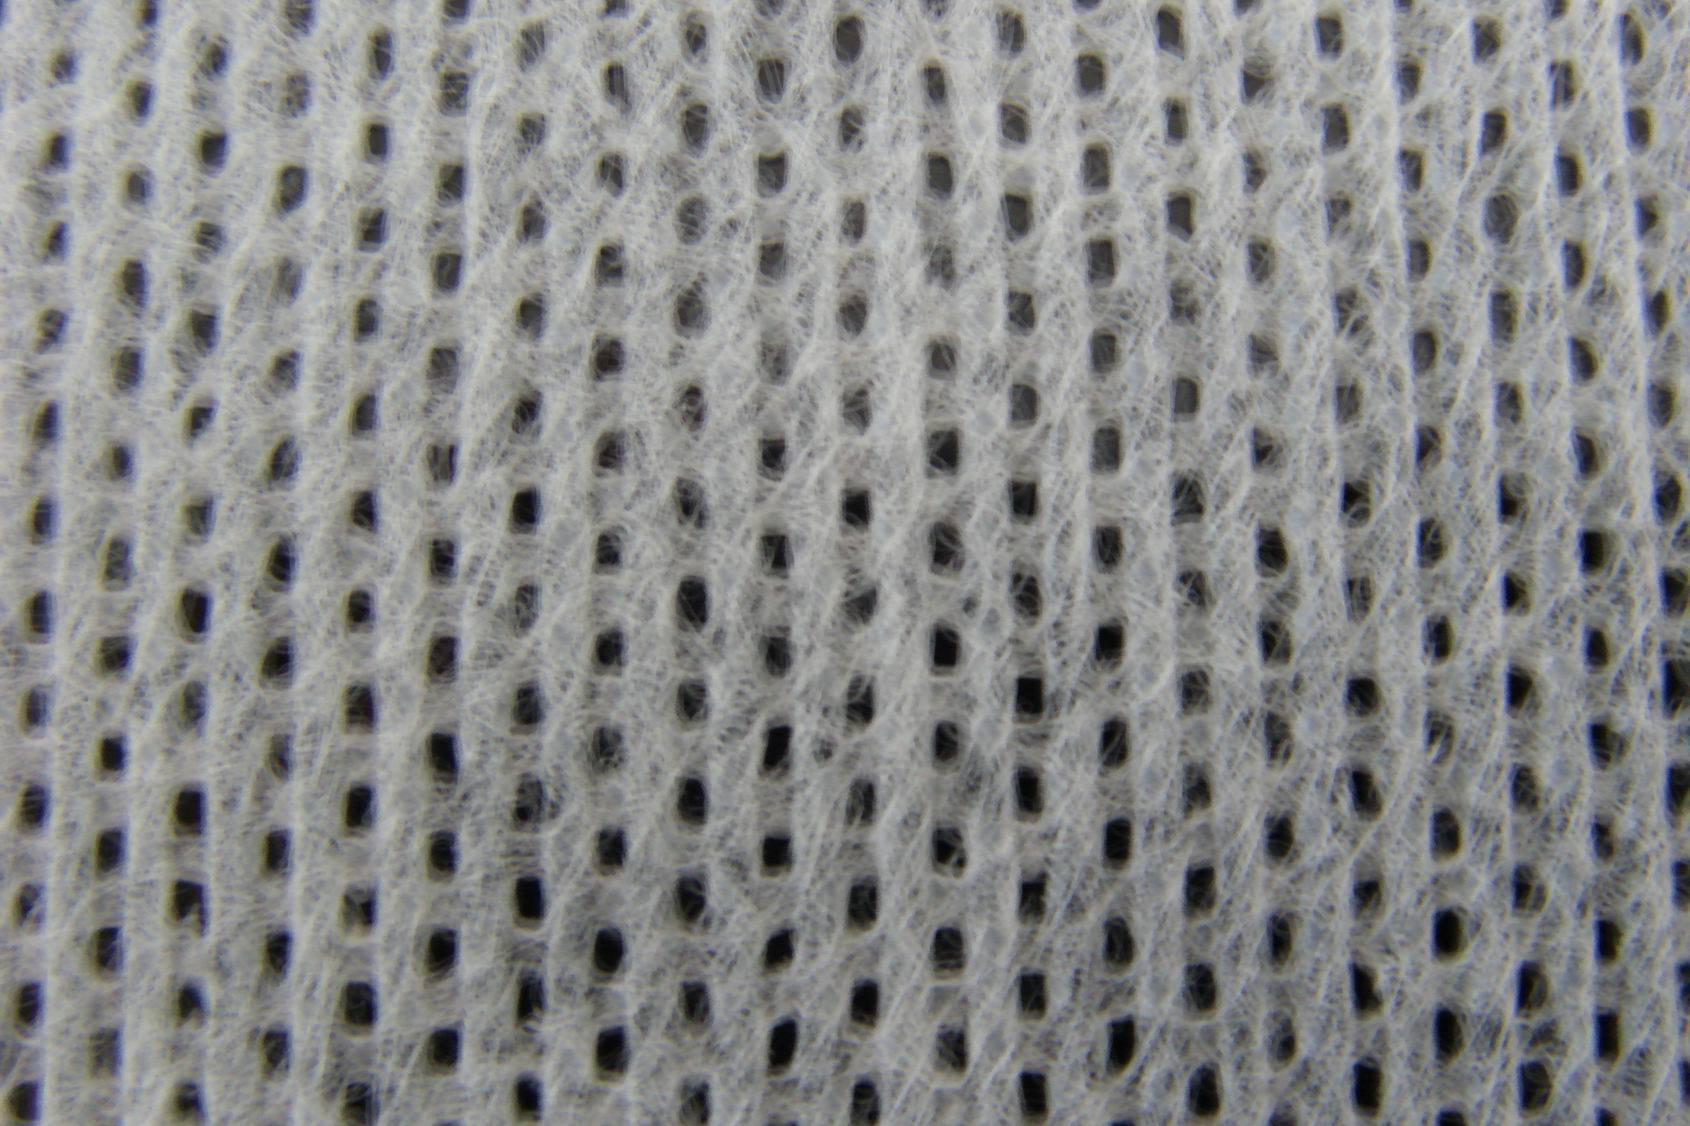 China Nonwoven Fabric China Perforated Nonwoven Perforated Nonwoven For Topsheet Of Sani